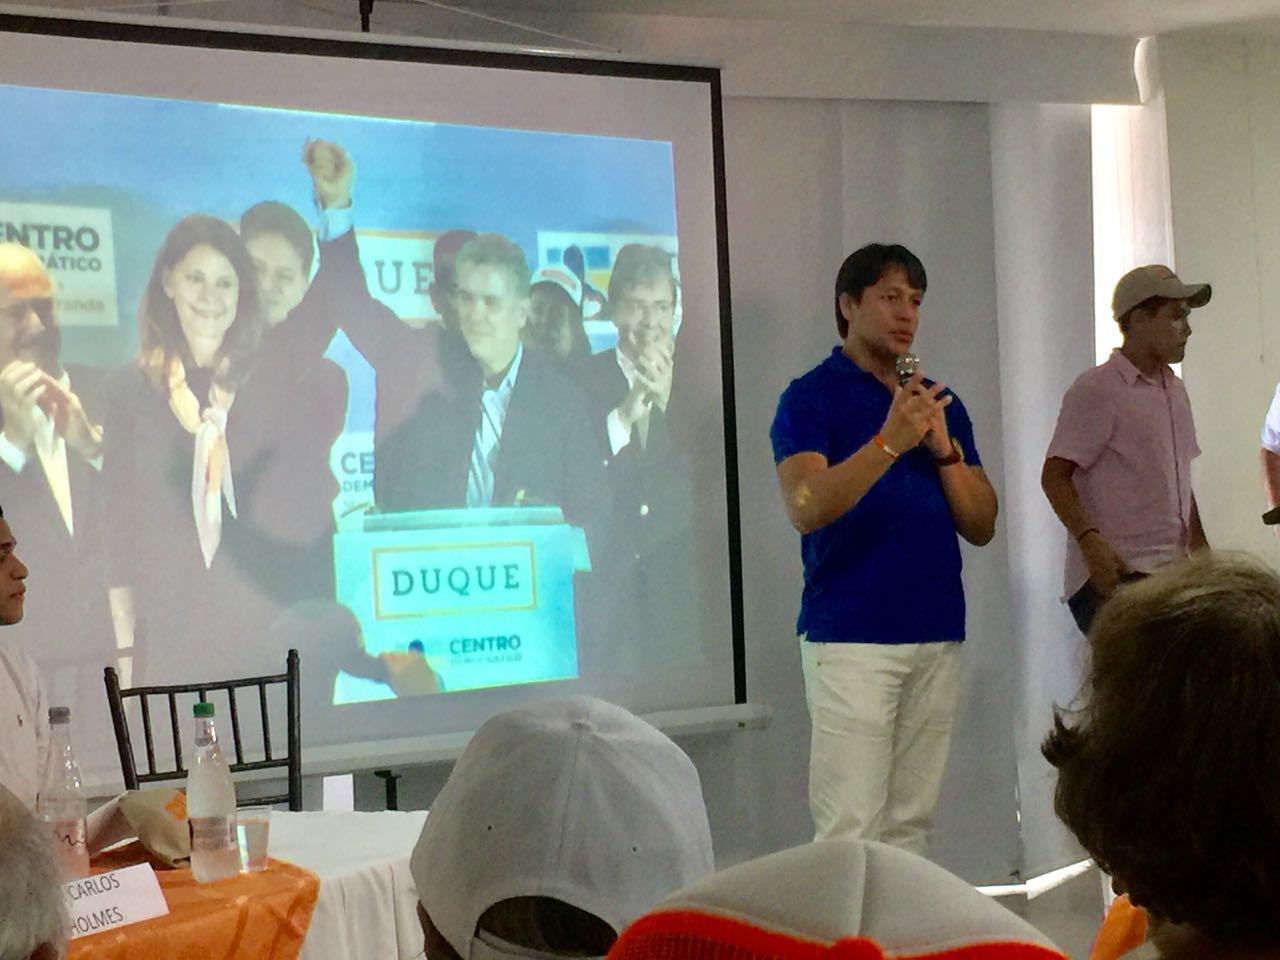 Intervención de Rubén Jiménez, quien lideró el encuentro.